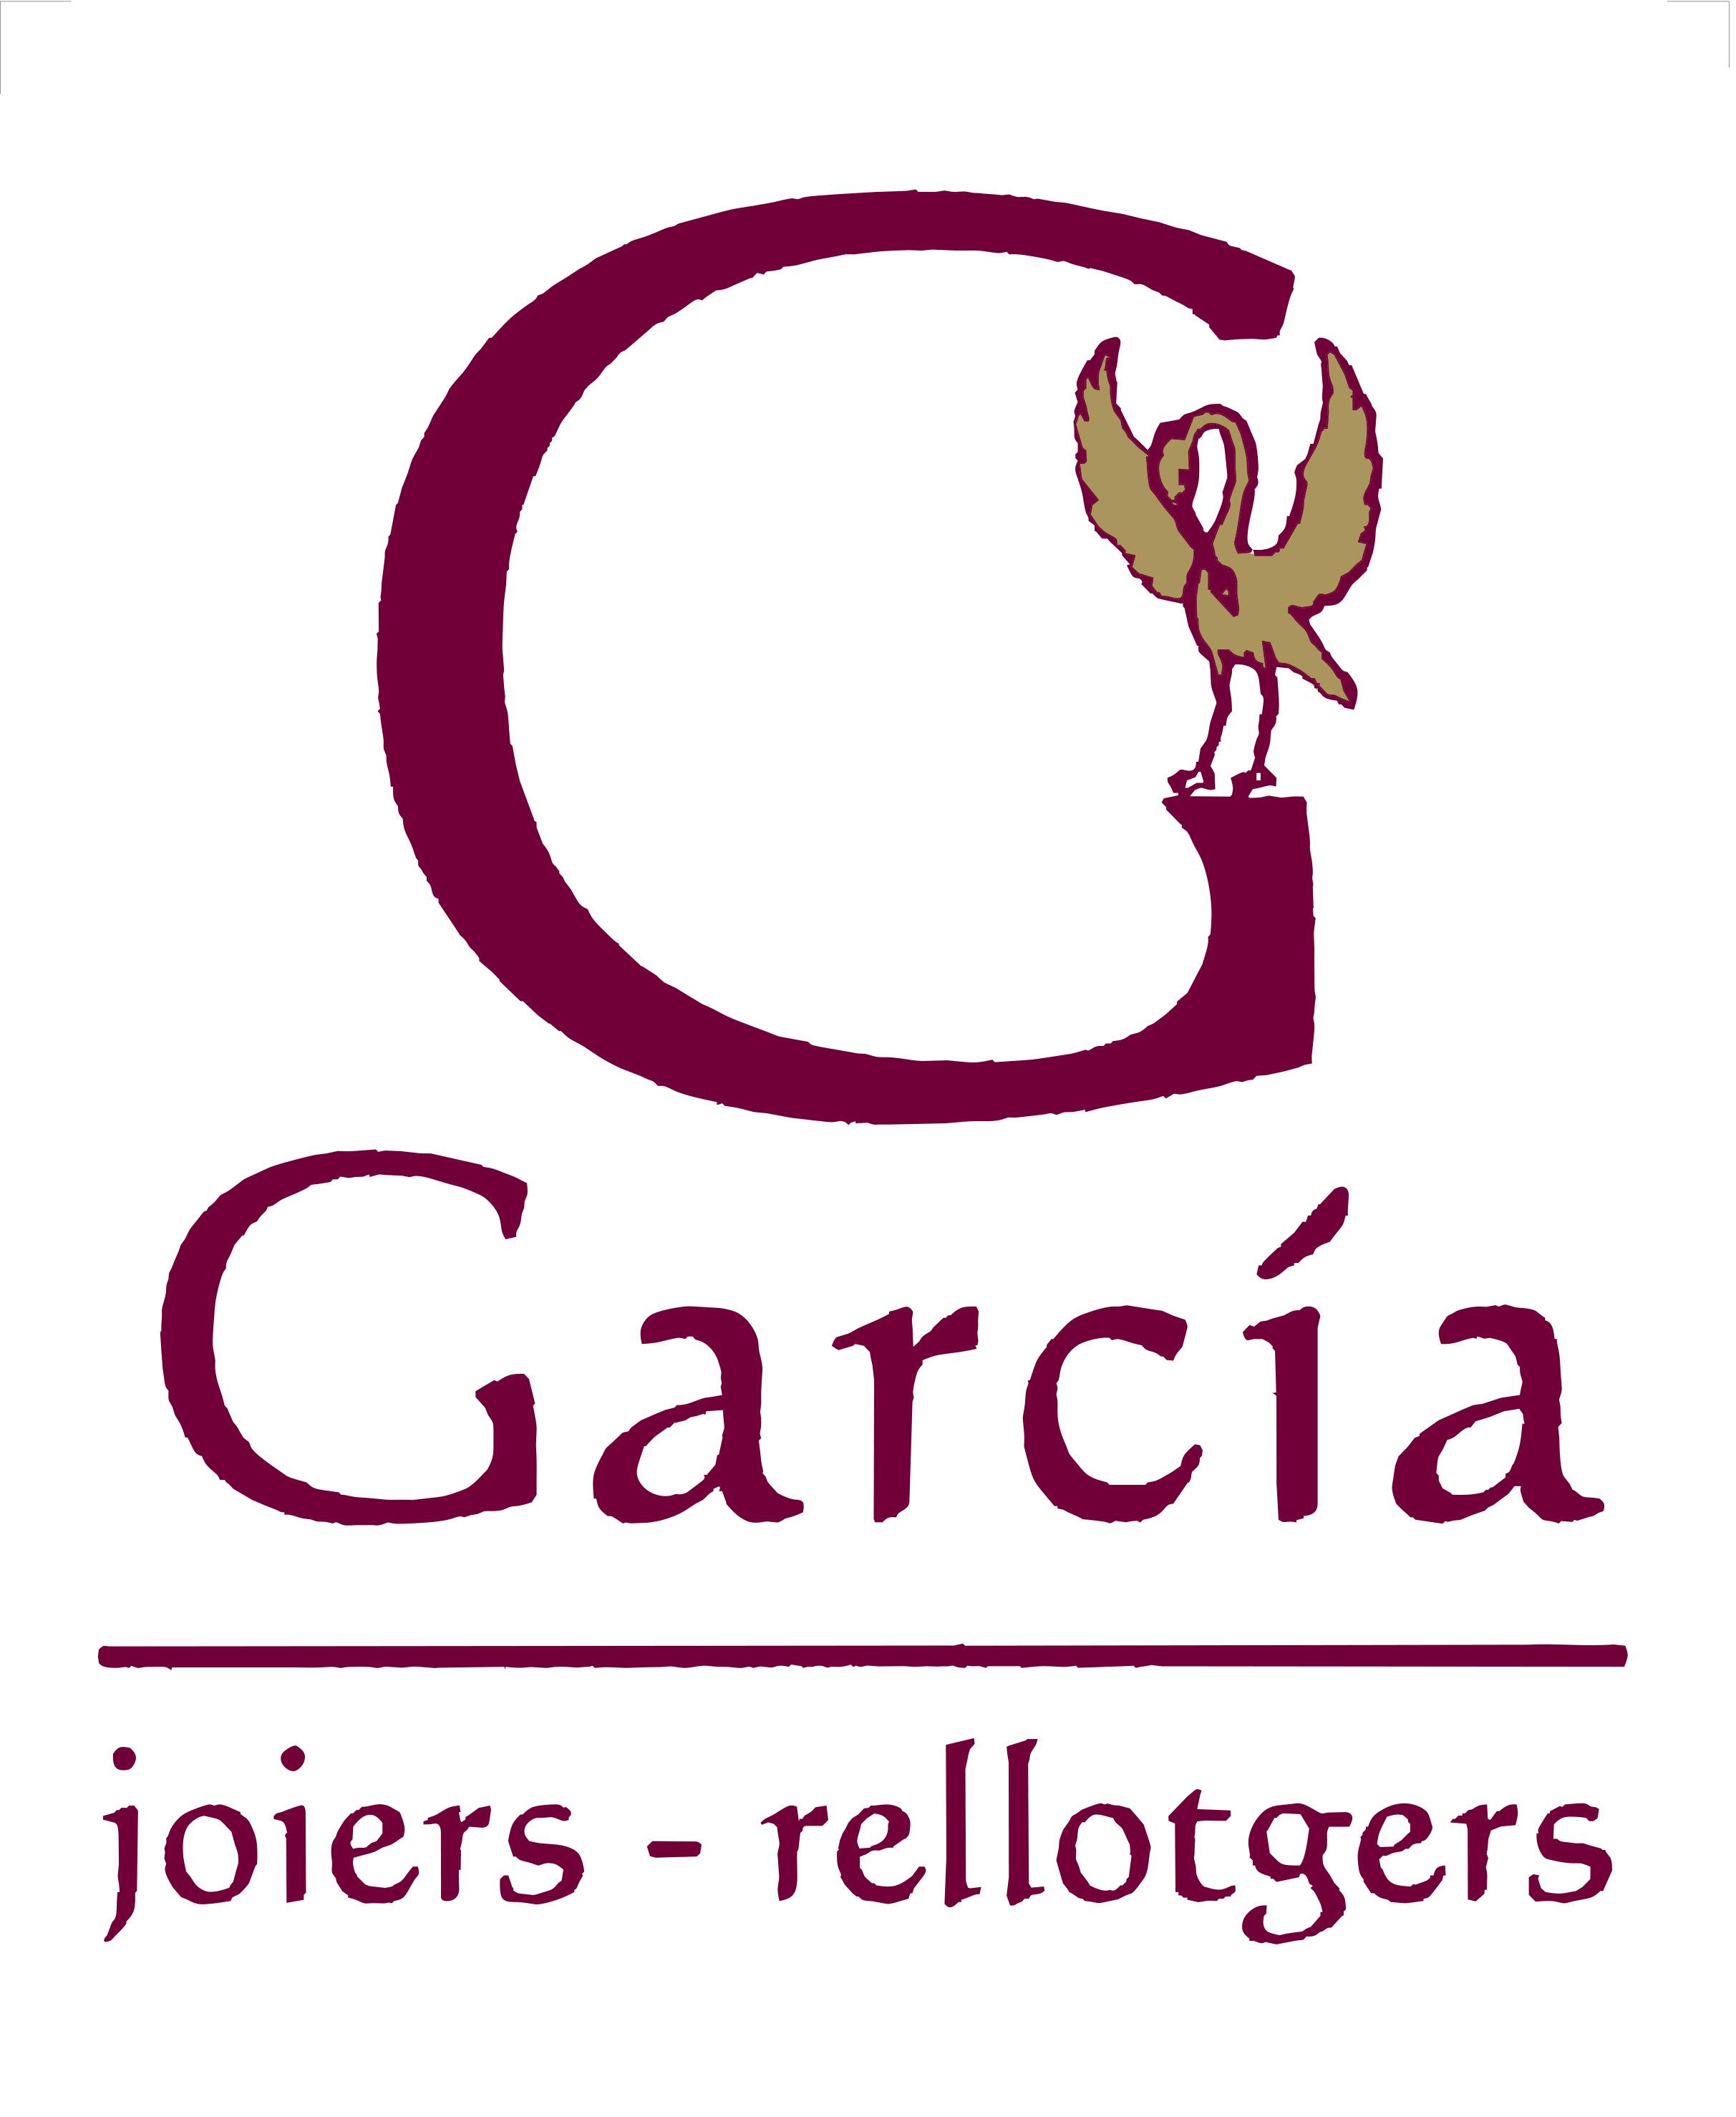 GARCIA JOIERS